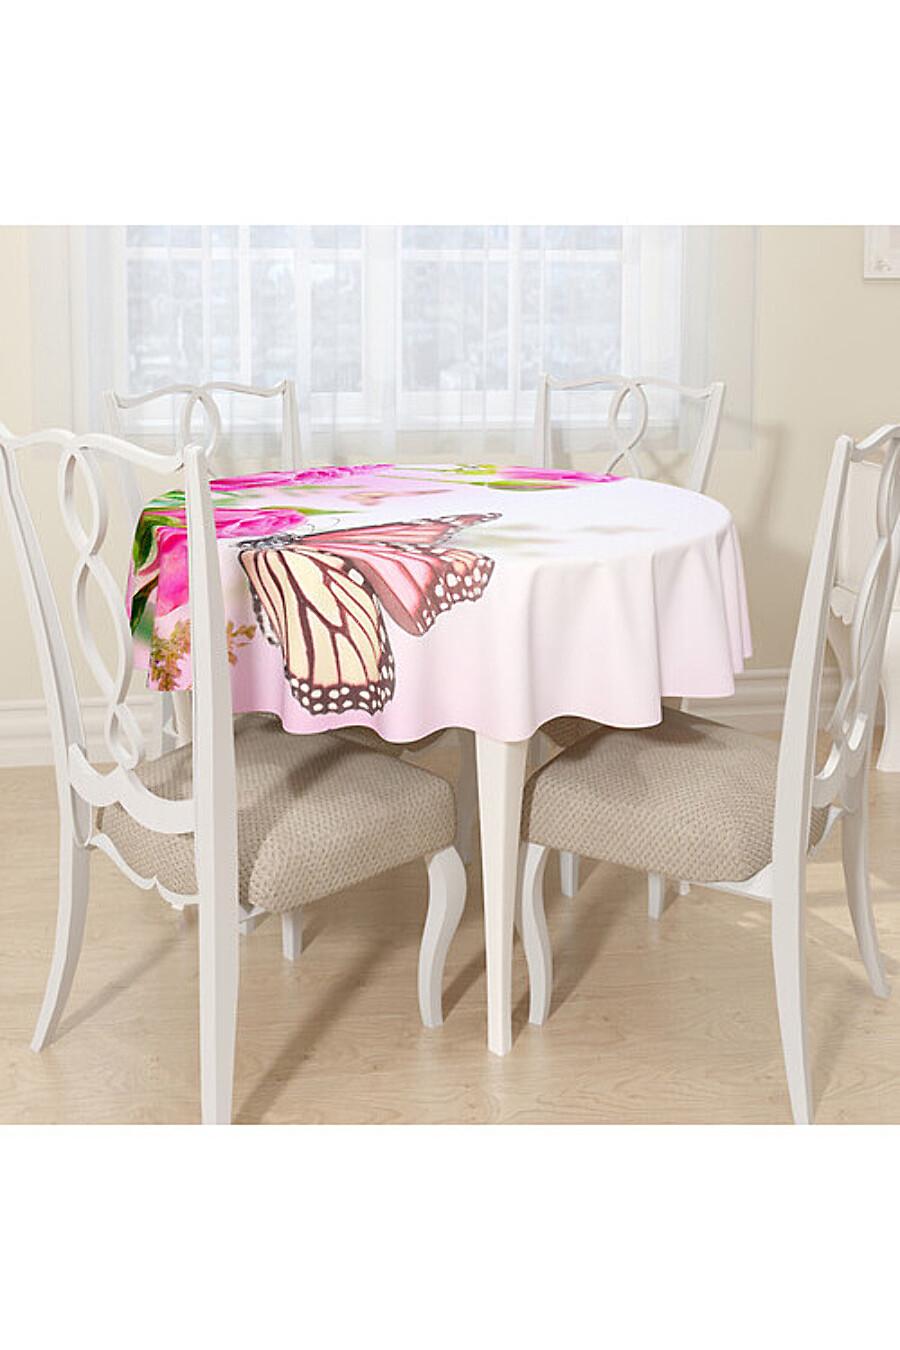 Скатерть для дома ART HOME TEXTILE 180502 купить оптом от производителя. Совместная покупка товаров для дома в OptMoyo